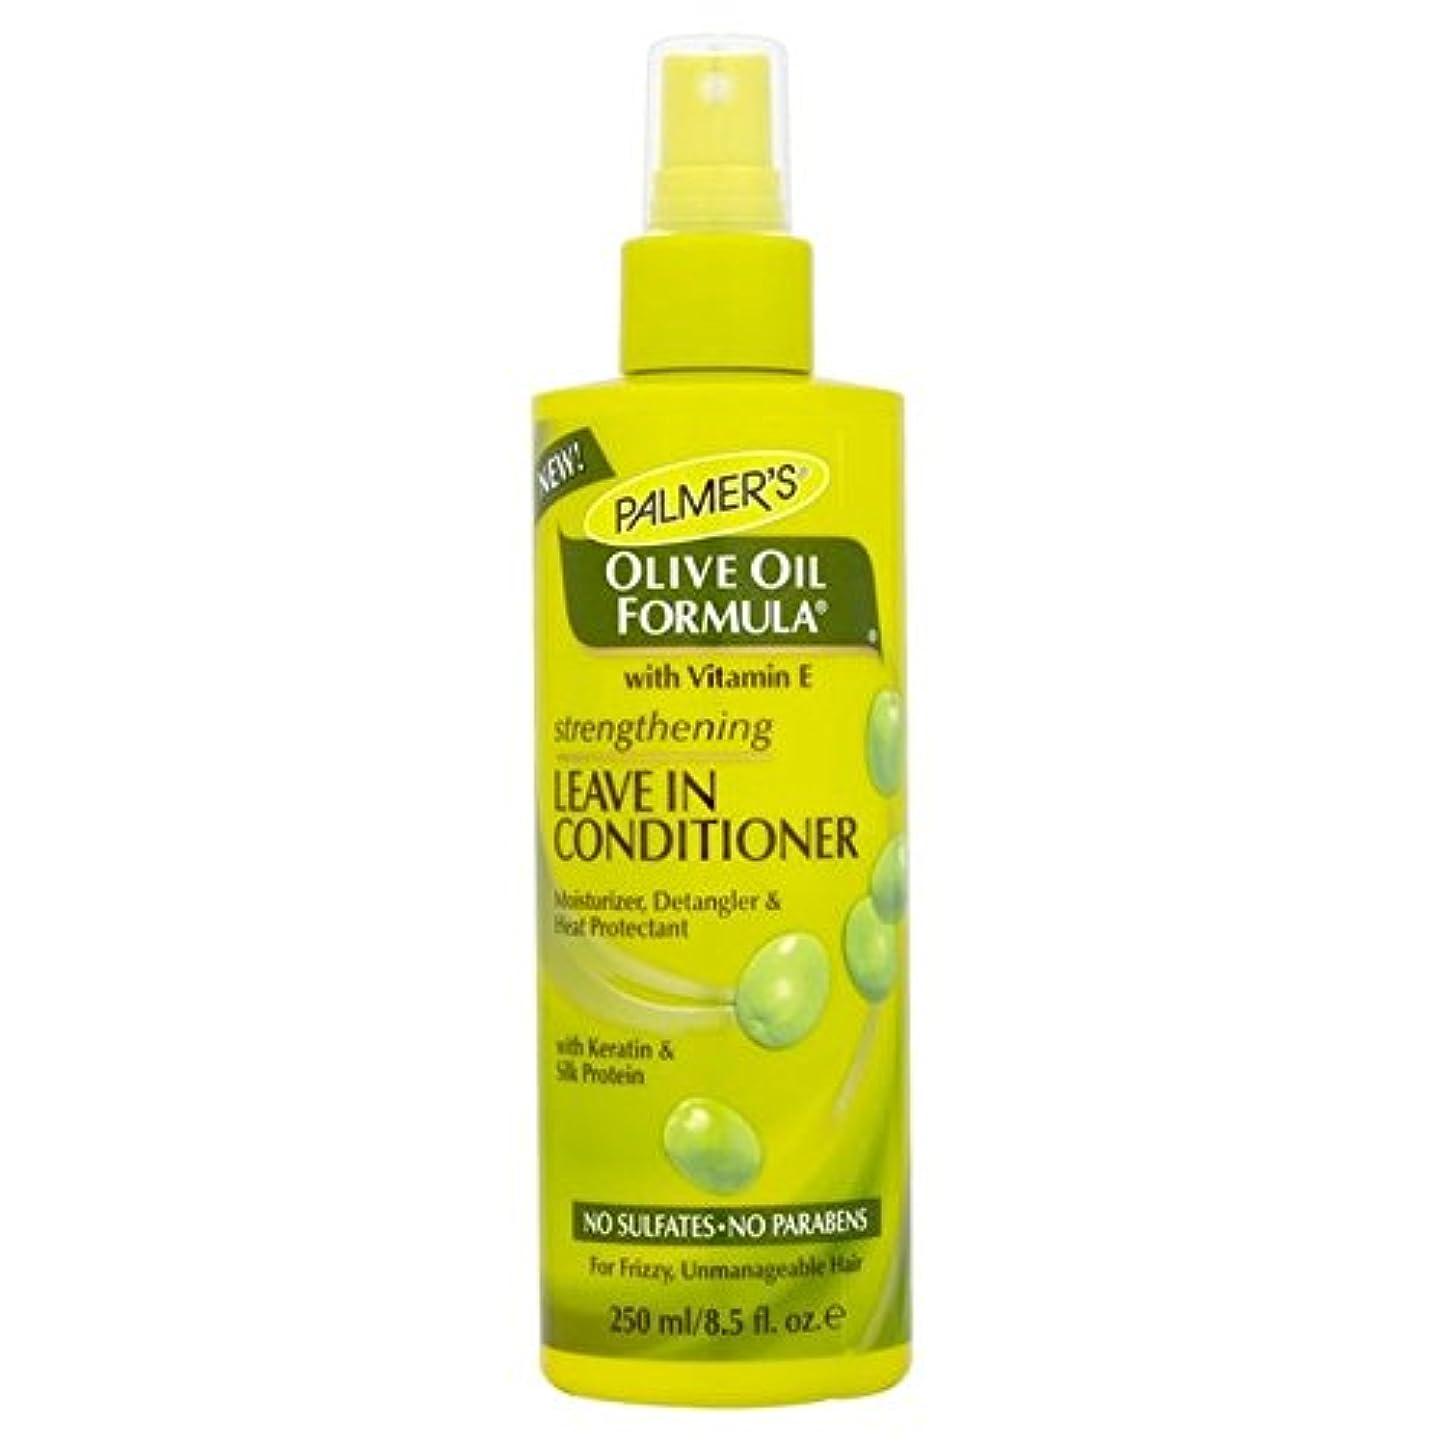 脅かすマリン銛リーブインコンディショナー250を強化パーマーのオリーブオイル式 x2 - Palmer's Olive Oil Formula Strengthening Leave-in Conditioner 250ml (Pack...